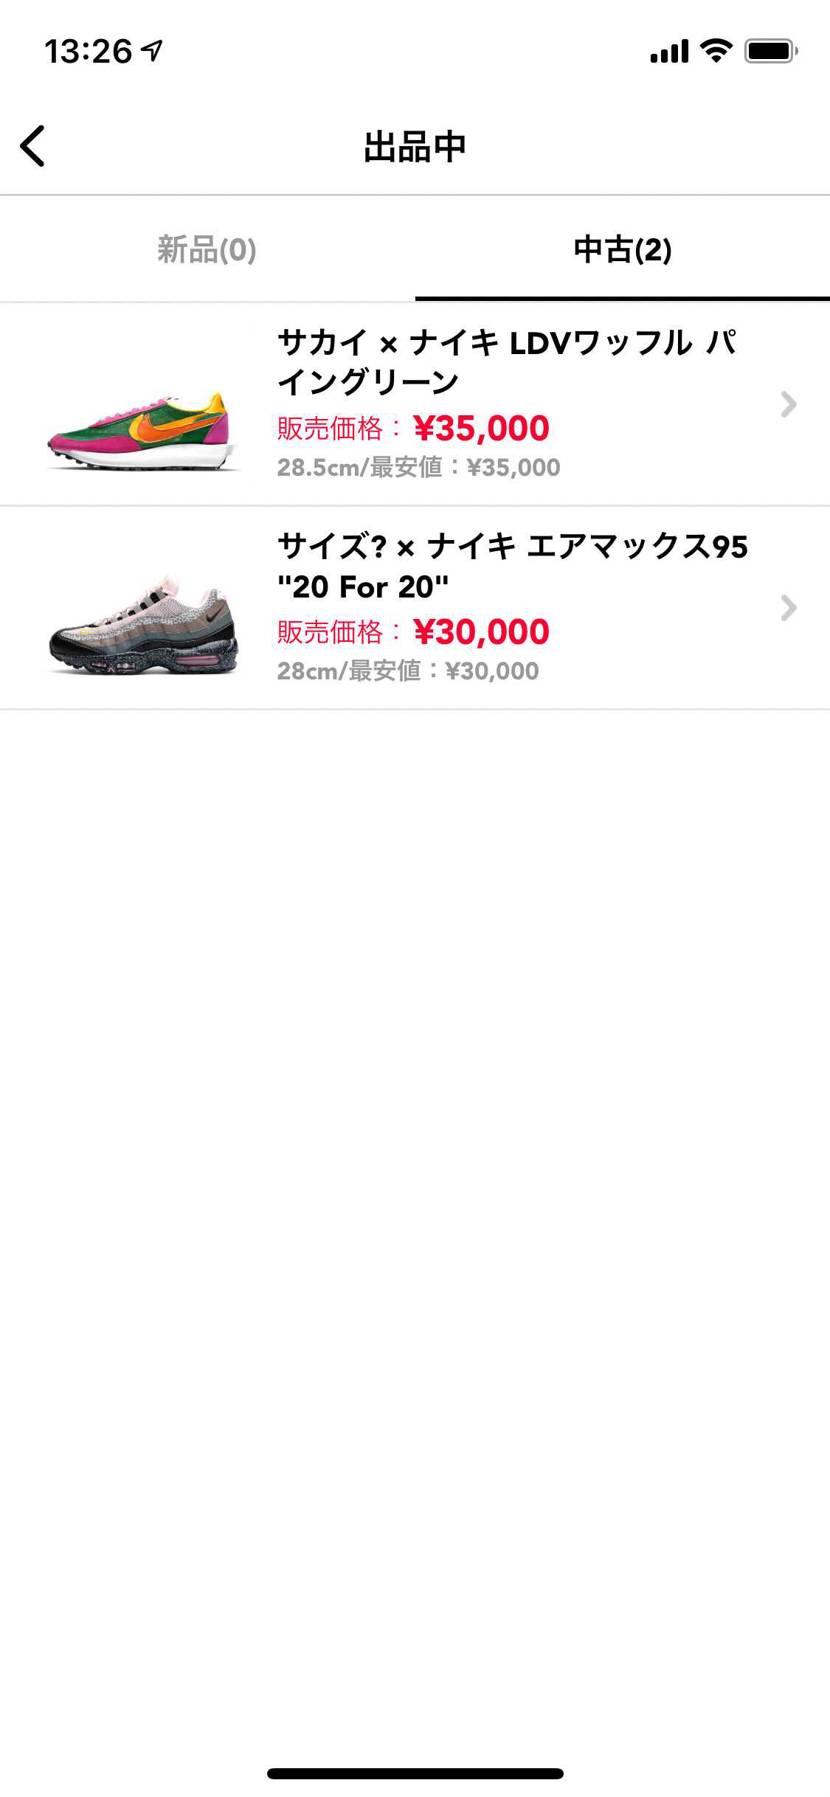 sacaiパイングリーン28.5cm 35000円 中古出品5000円値下げし